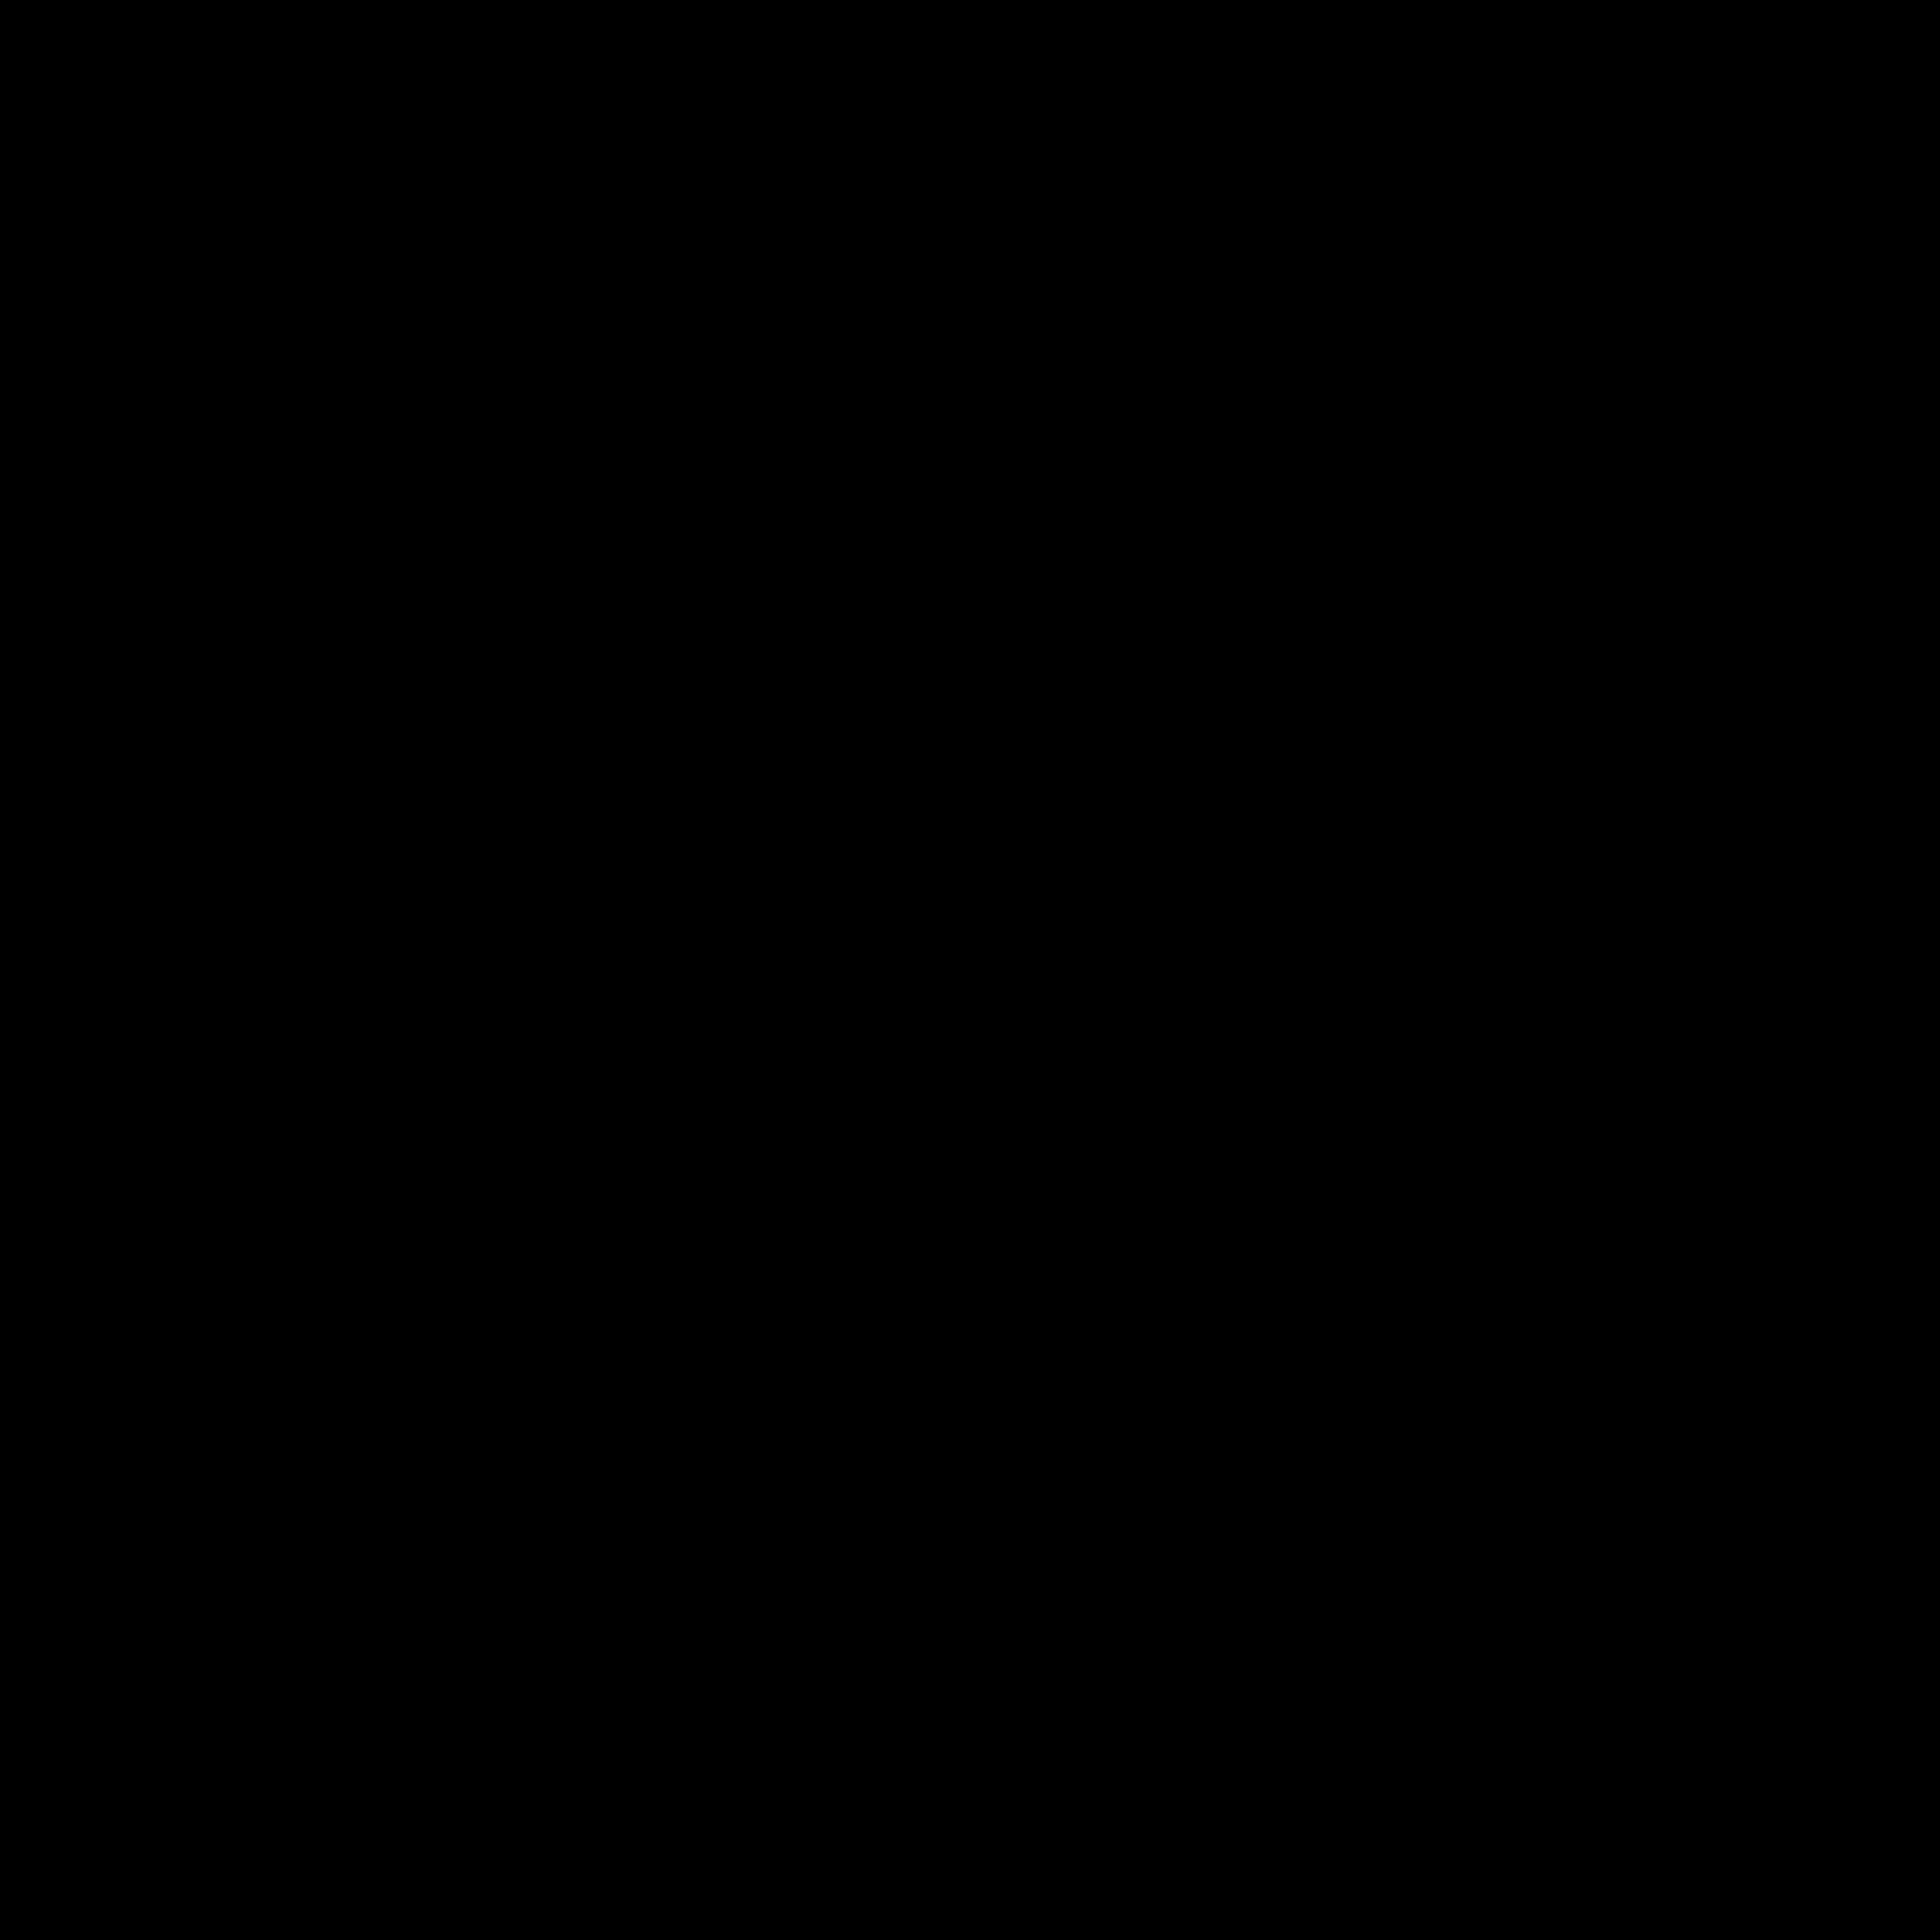 https://0201.nccdn.net/1_2/000/000/117/41e/zildjian-logo-png-transparent-2400x2400.png